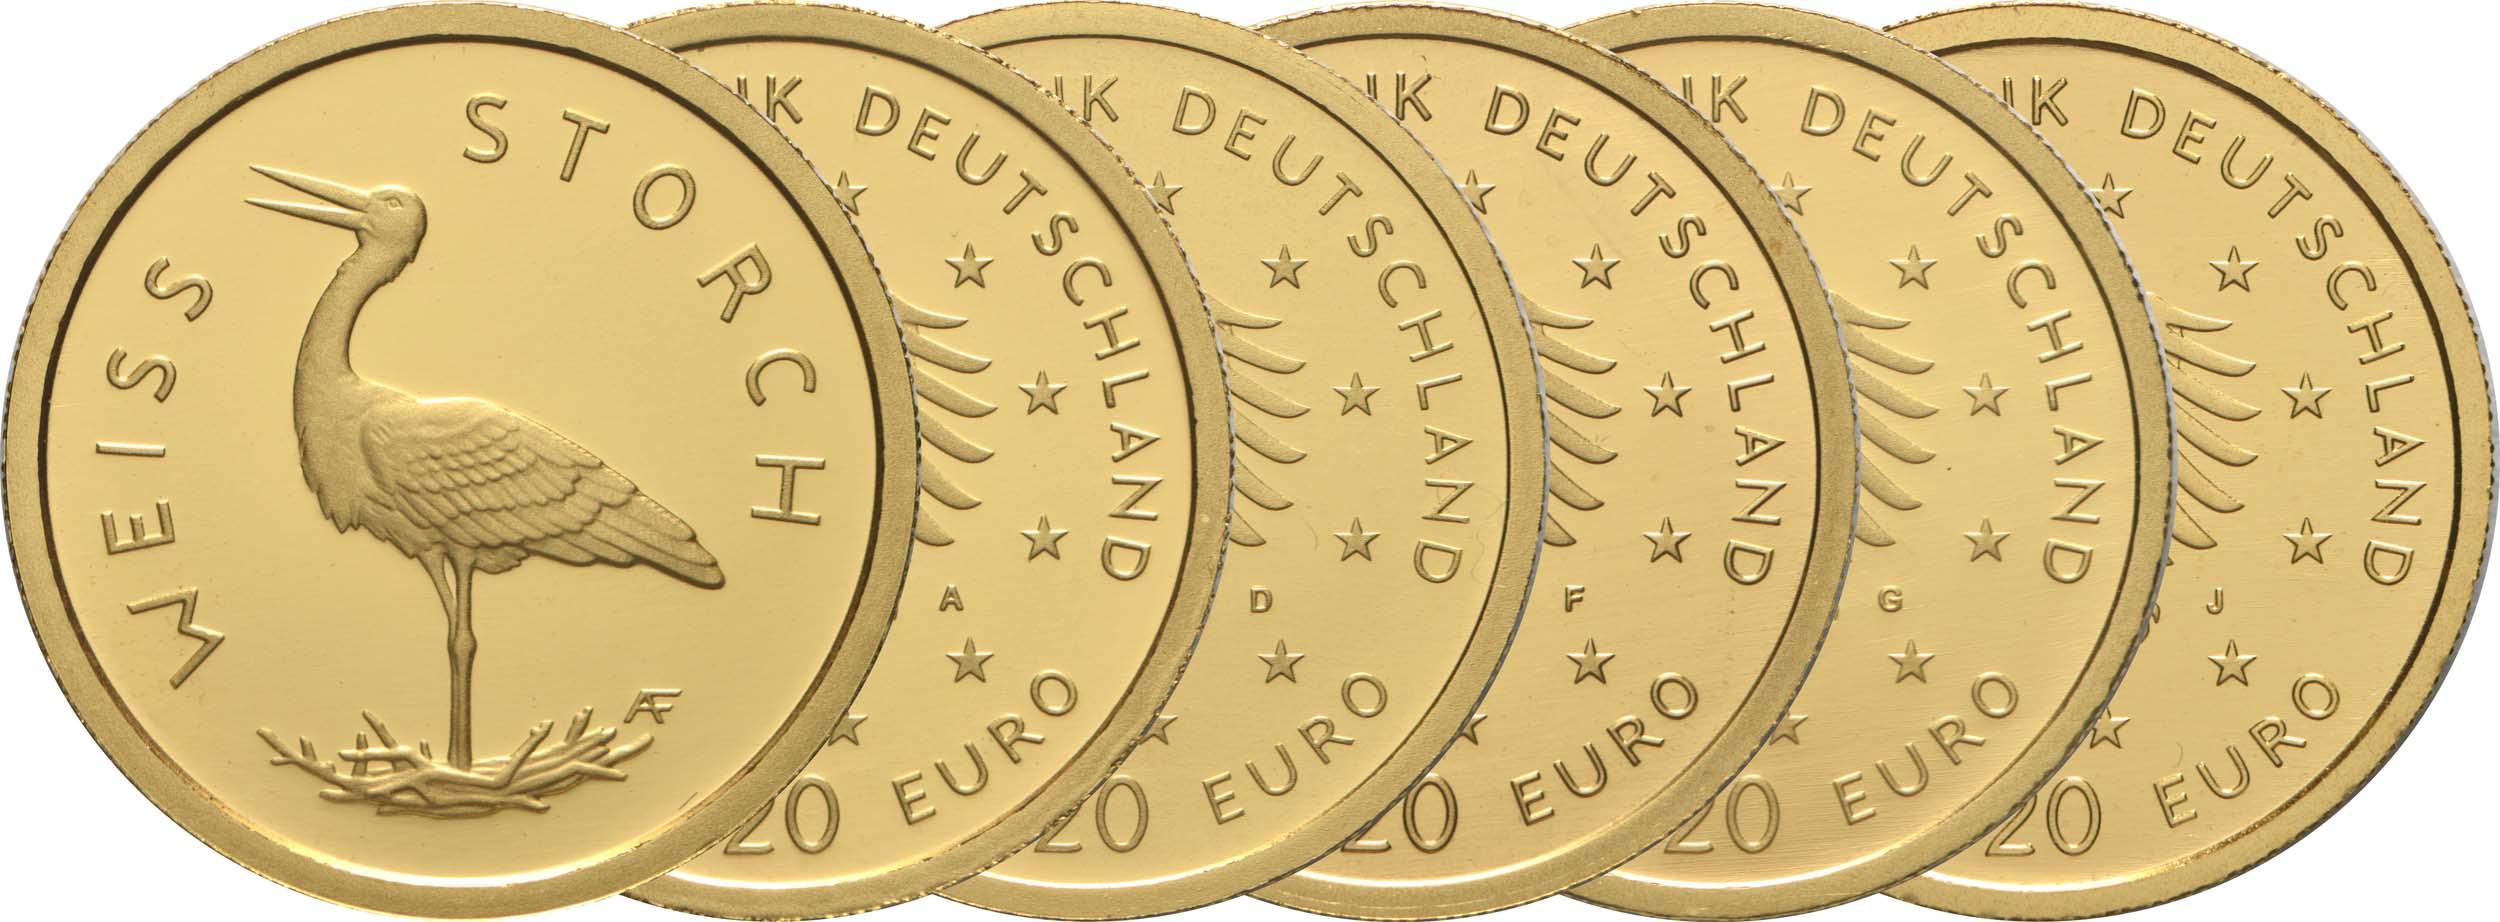 Lieferumfang:Deutschland : 20 Euro Weißstorch Komplettsatz 5 Münzen A-J  2020 Stgl.